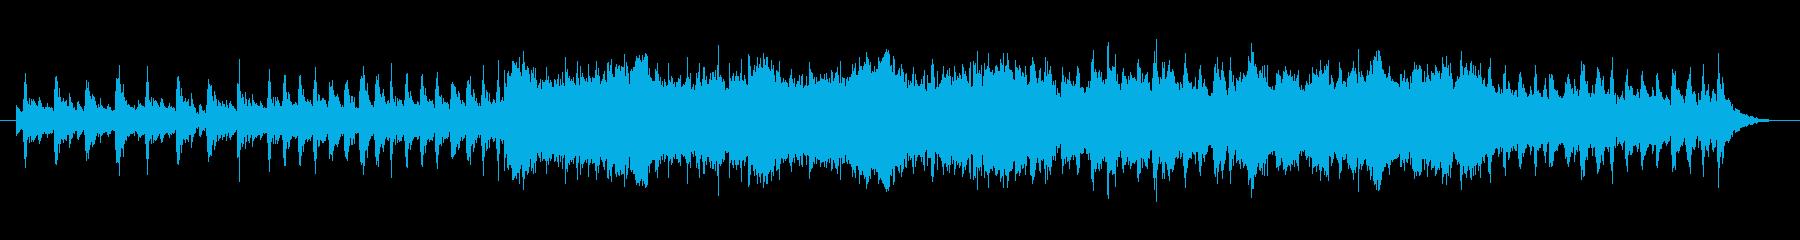 民族調 オーケストラ RPG風の再生済みの波形